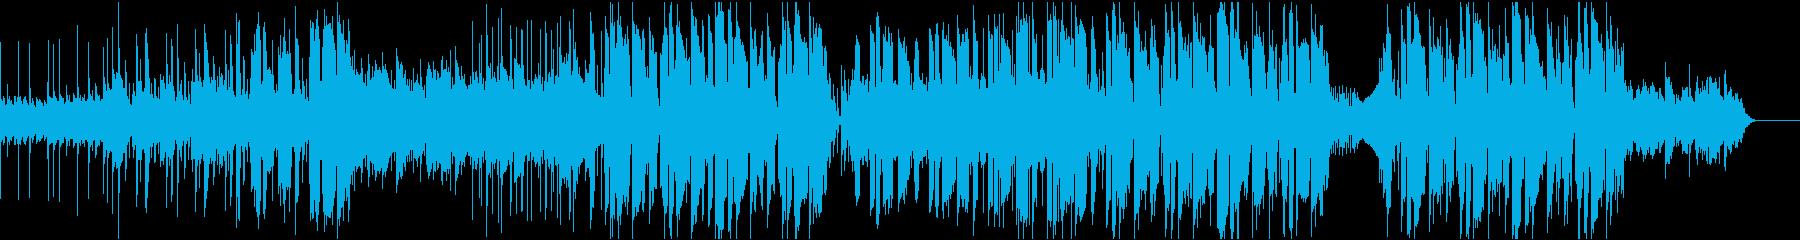 ピアノメロディが印象的なダンス曲の再生済みの波形